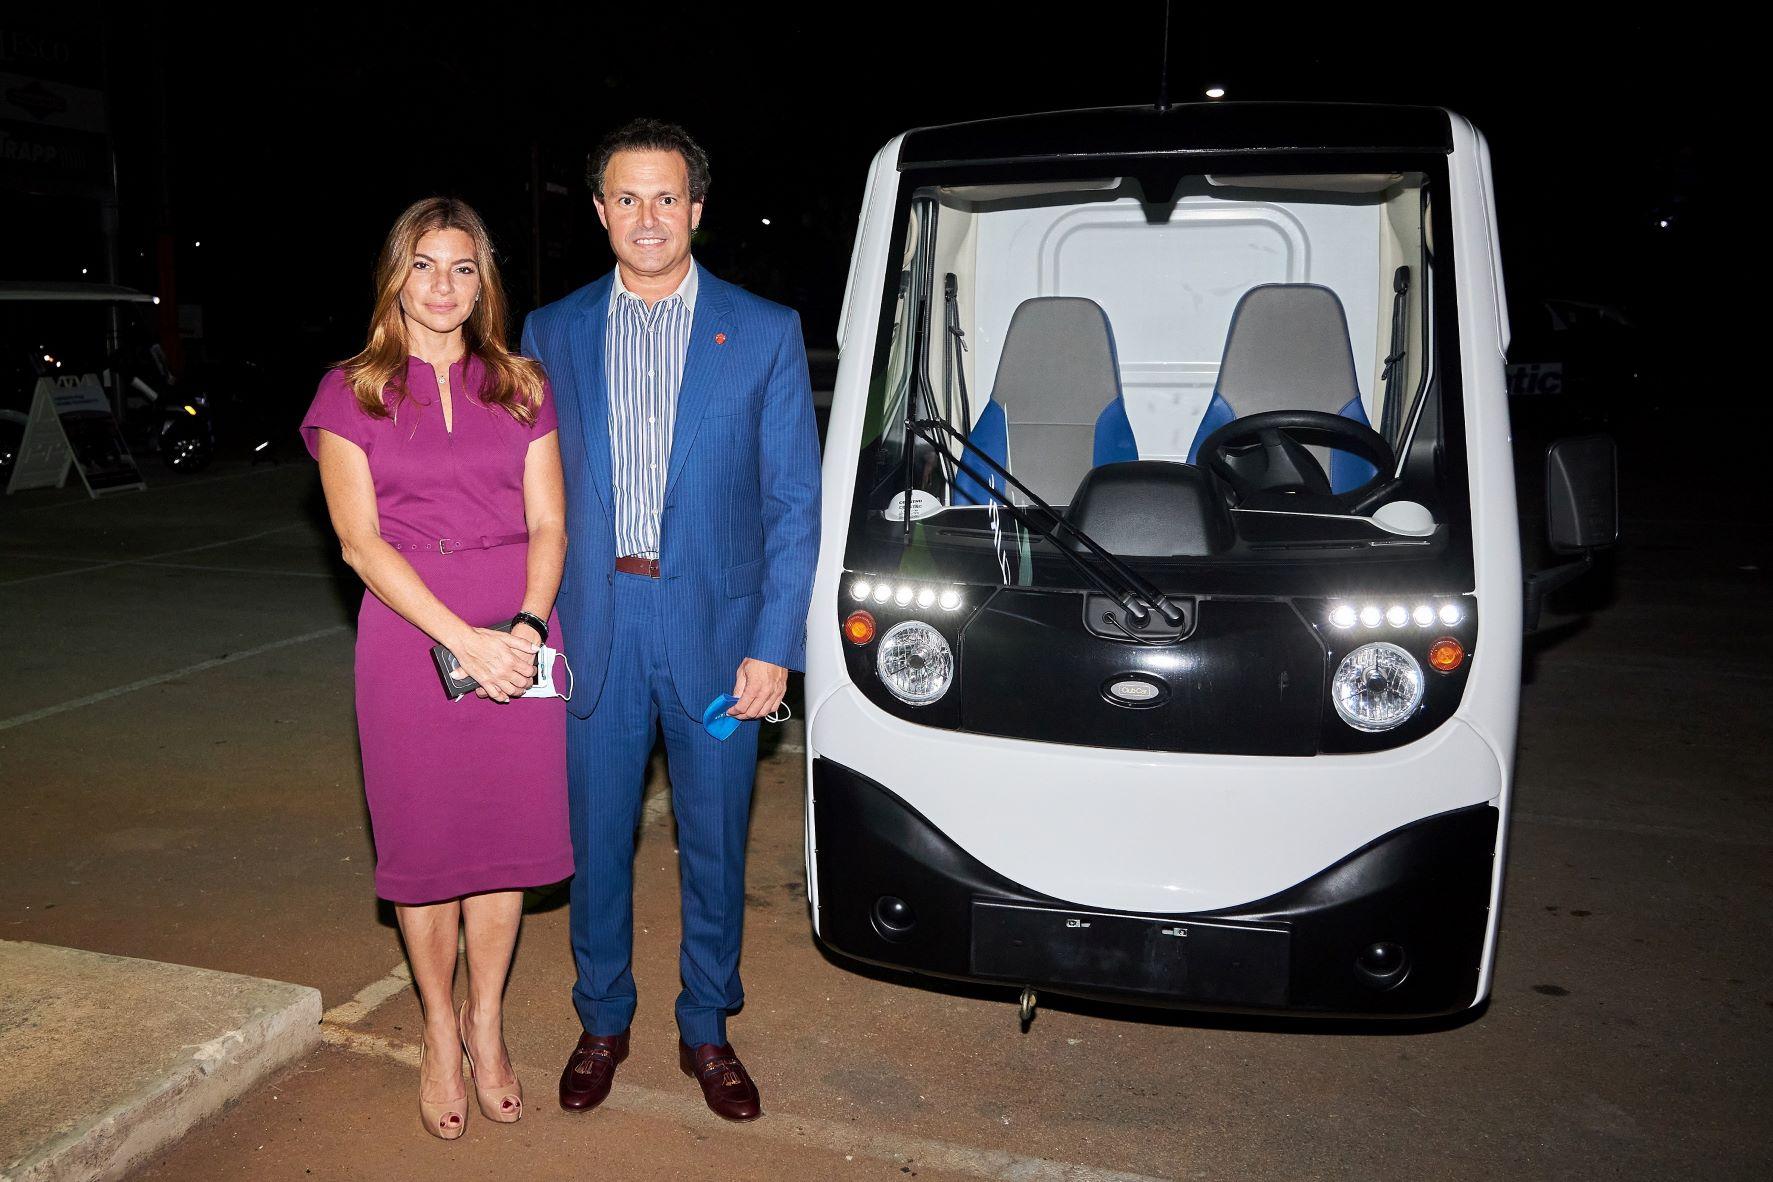 Paola Rainieri y Juan Tomás Díaz Infante al lado del nuevo vehículo.